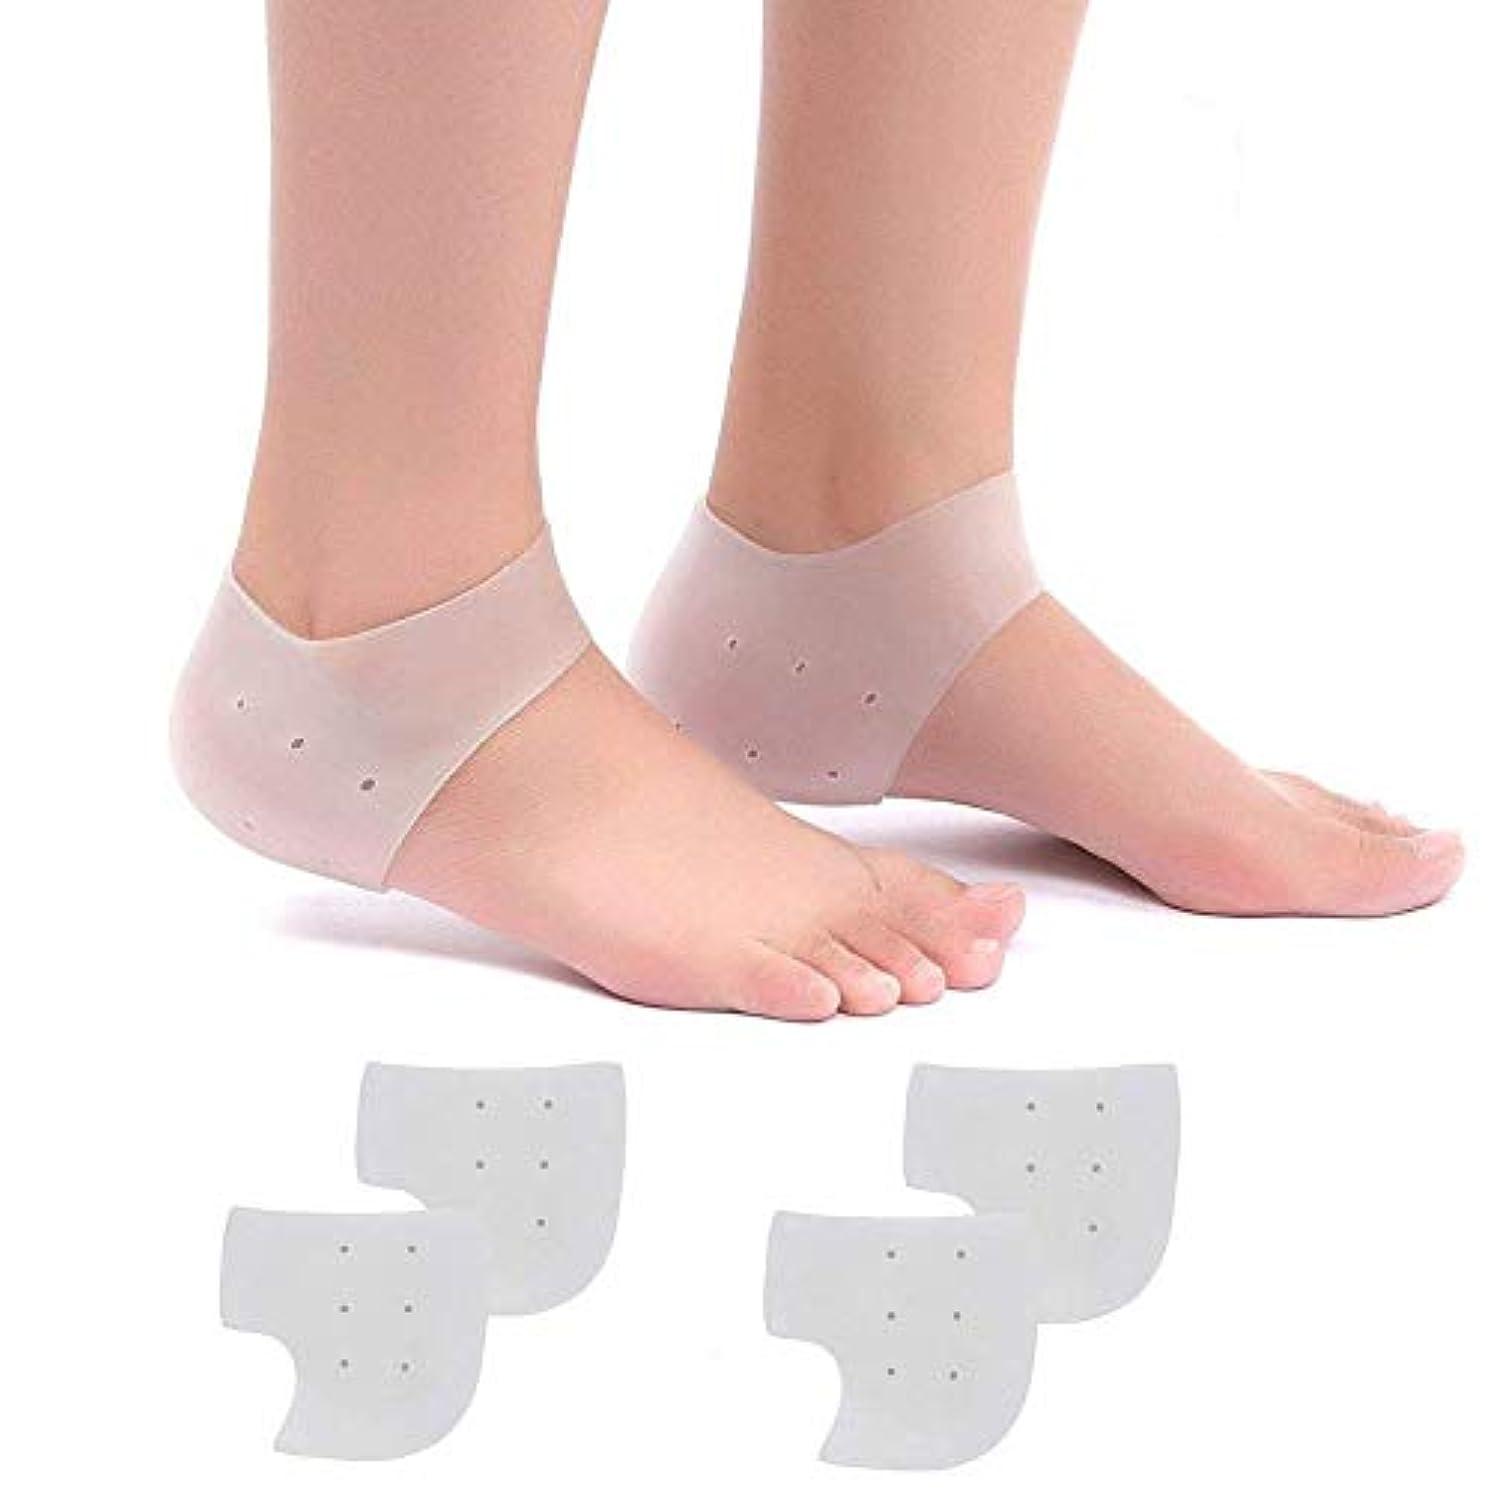 配分著者バッジシリコーンヒールスリーブ通気性シリコーンヒールカップ保護パッドの10組、ドライかかとを修復し、足底筋膜炎/アキレス腱/腱/ヒールスパー/かかとの痛みを軽減することができます